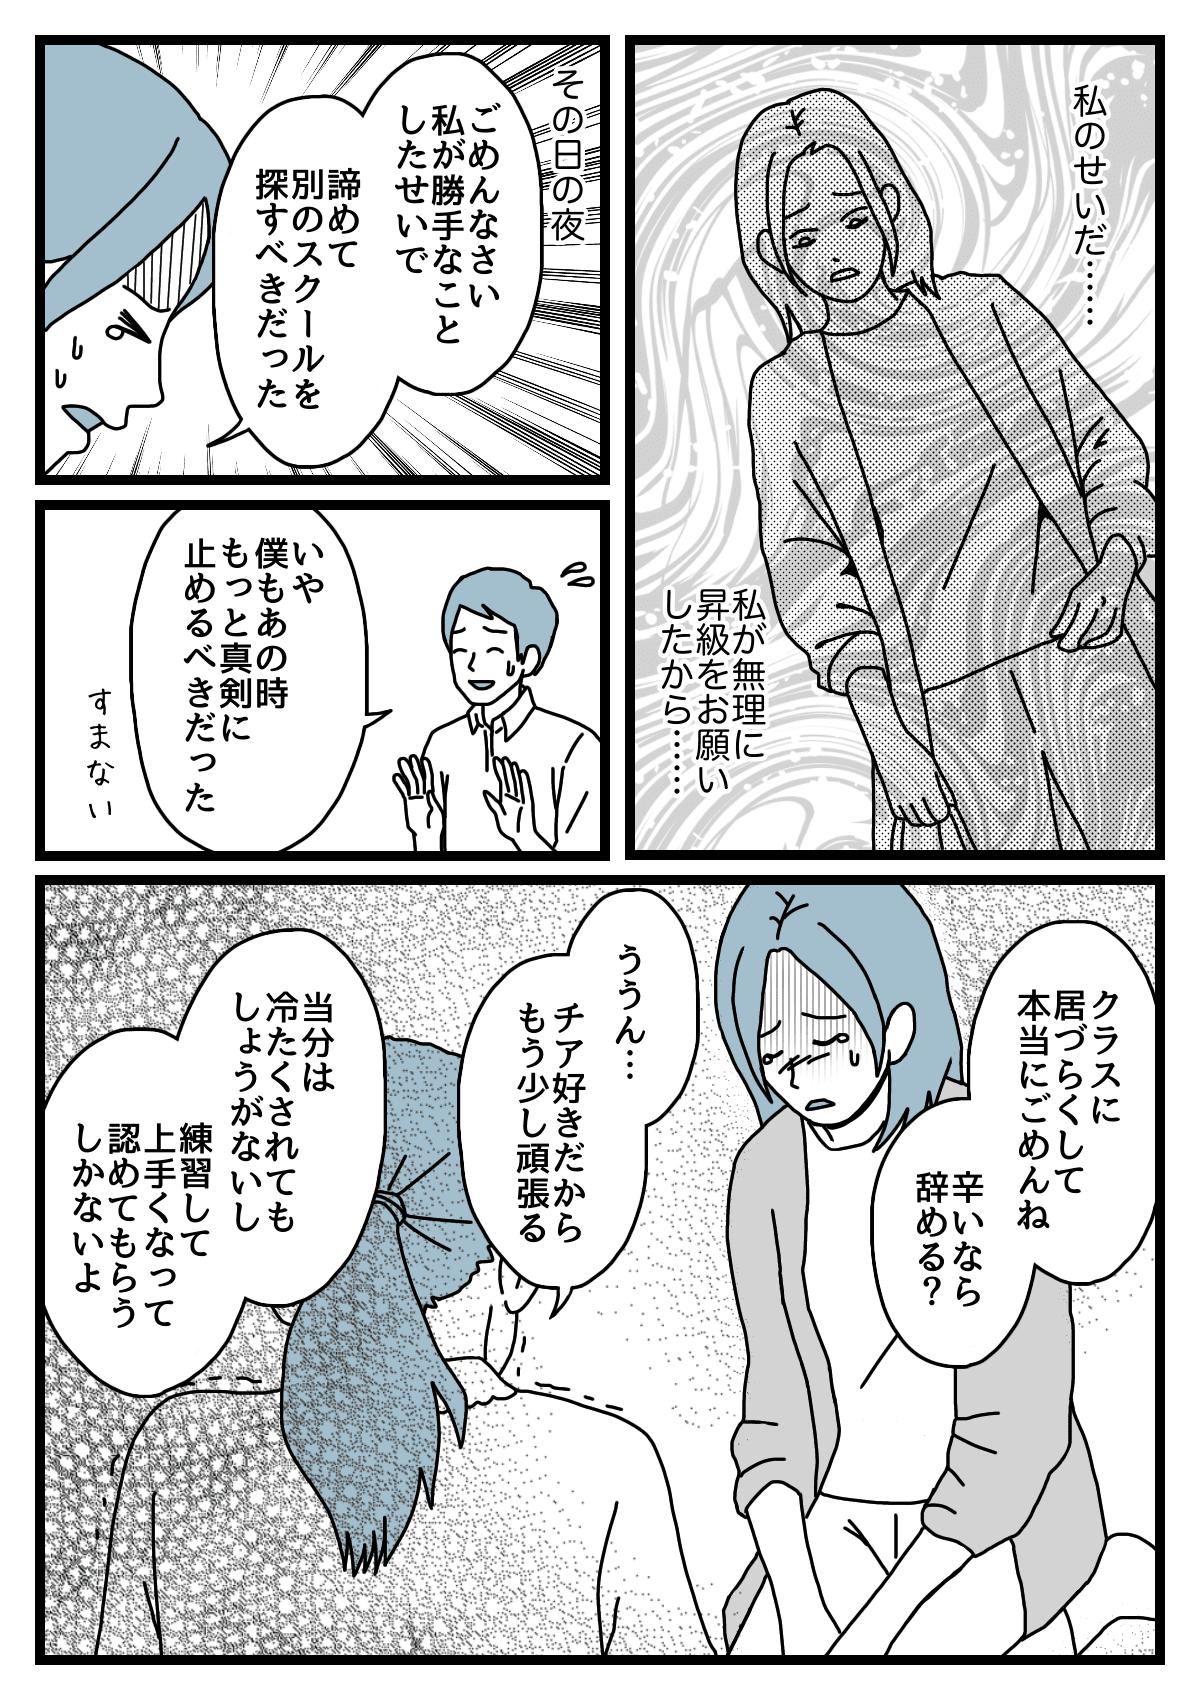 【後編】習い事3